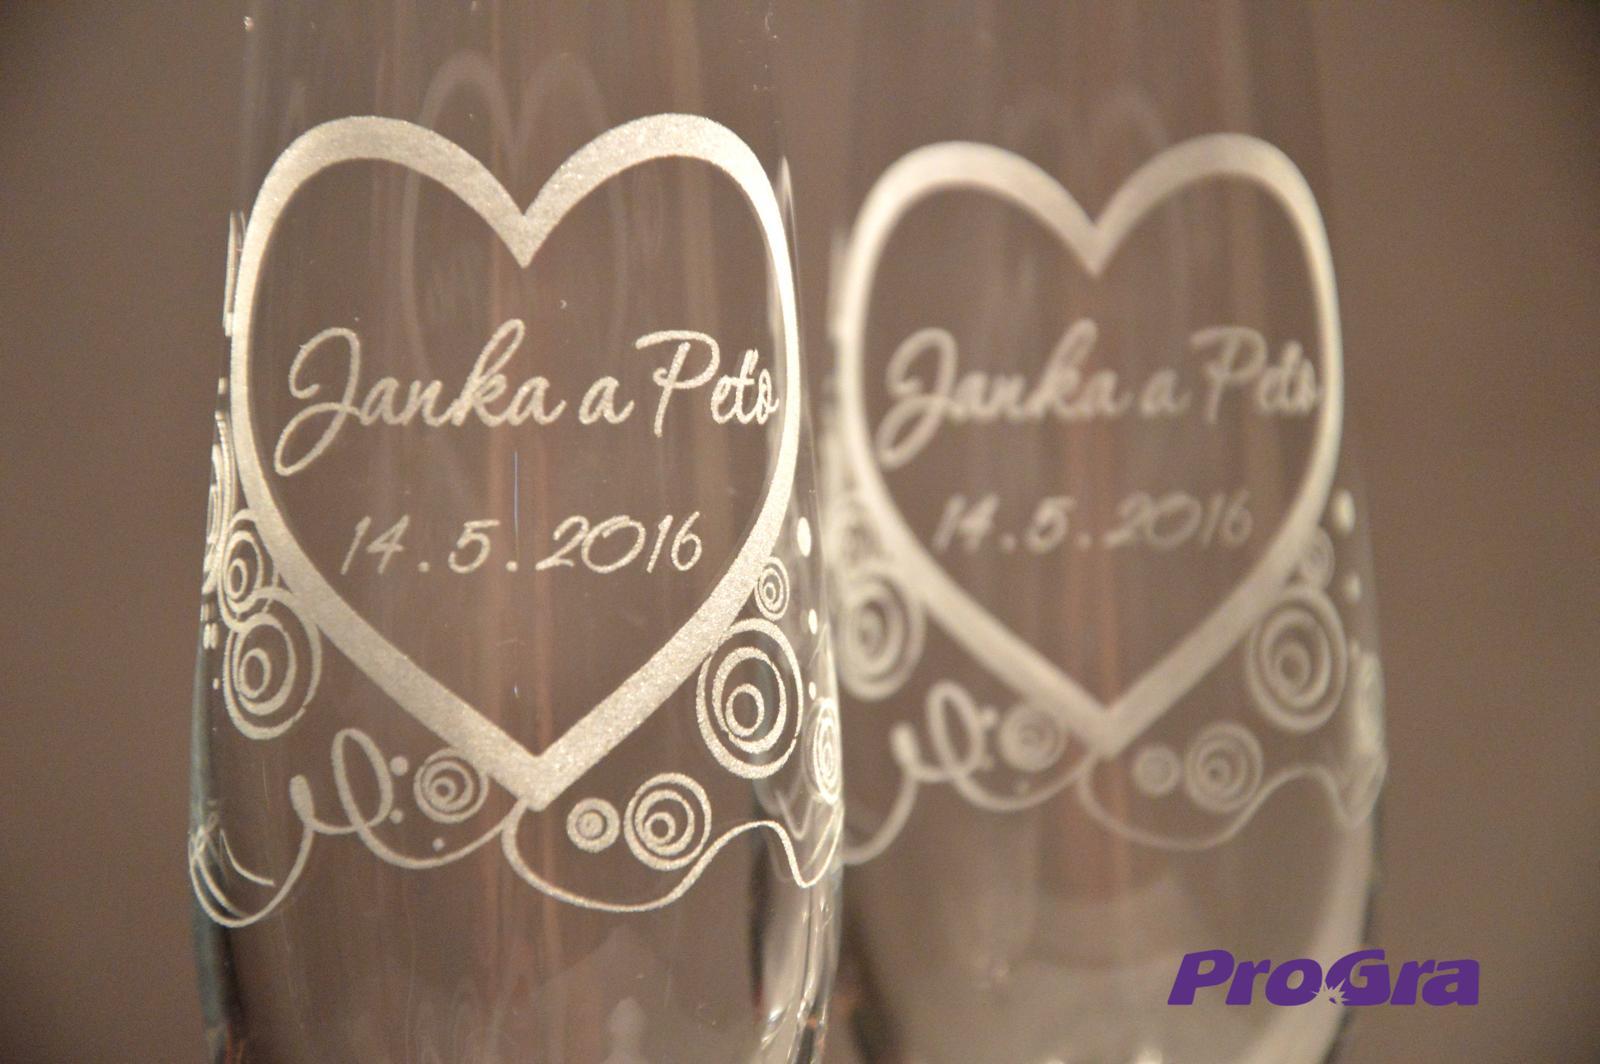 Svatební skleničky - detail gravírování grafiky 21 z naší nabídky na svatebních sklenicích Carmelitta